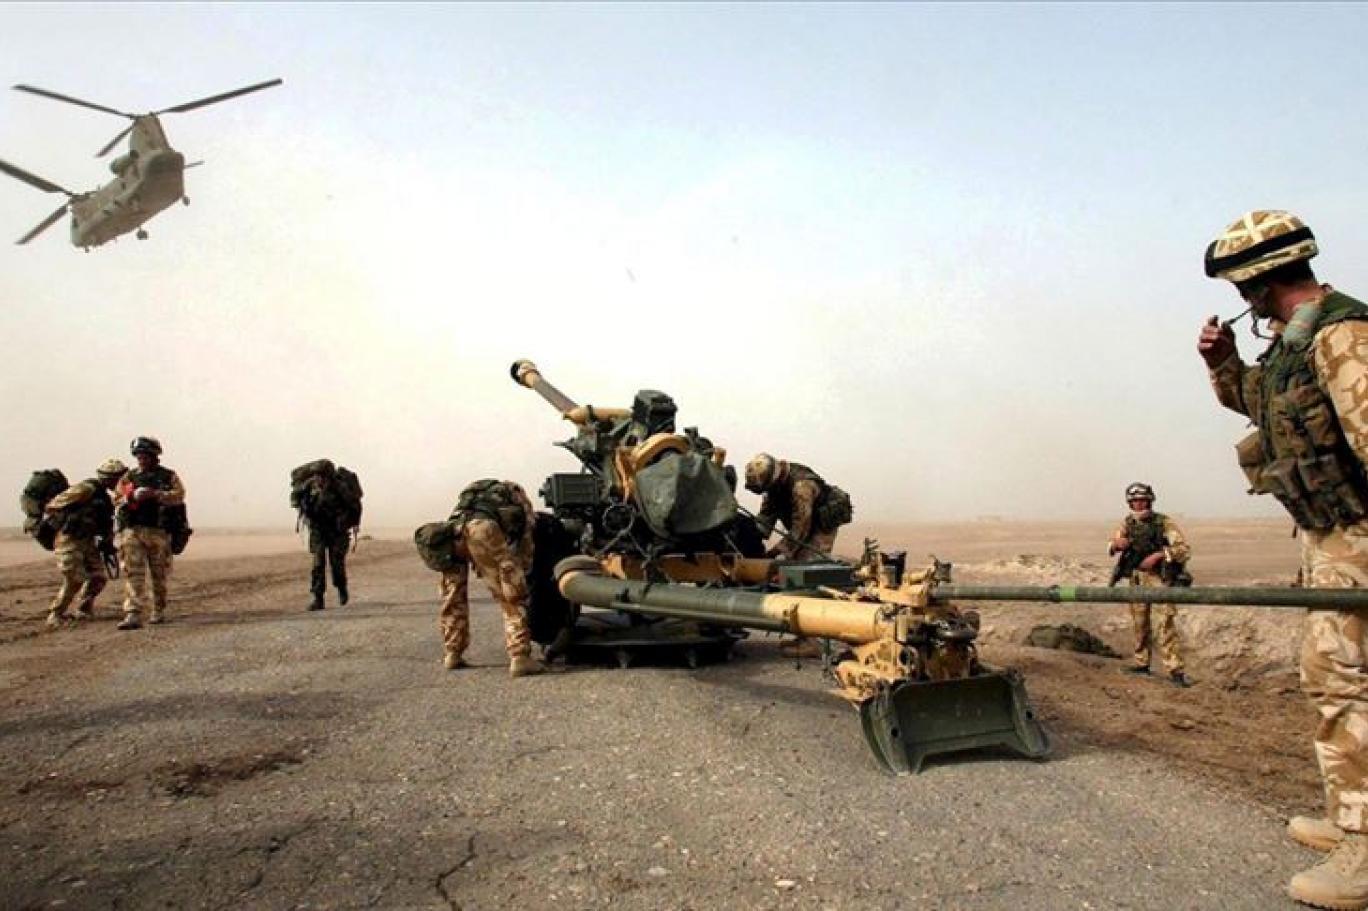 Koalisyondan Irak açıklaması: Faaliyetlerimizi askıya aldık